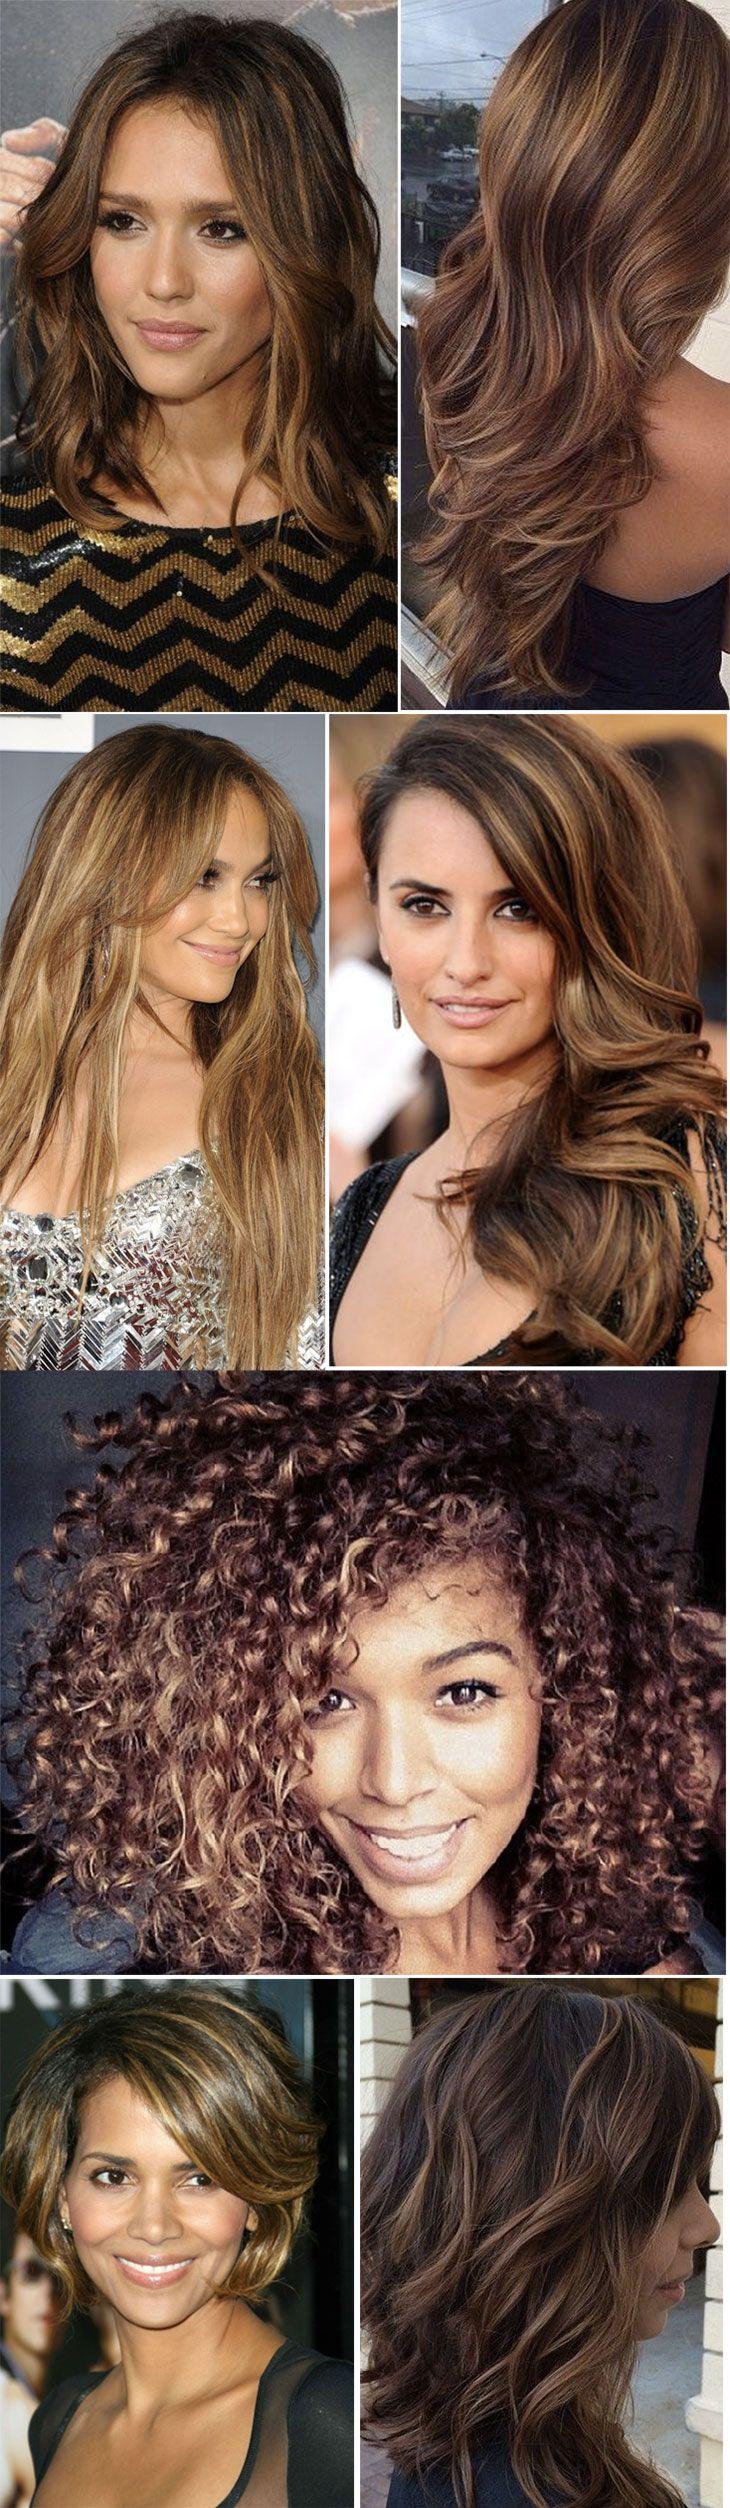 Inspirações de cabelos com luzes: castanhos